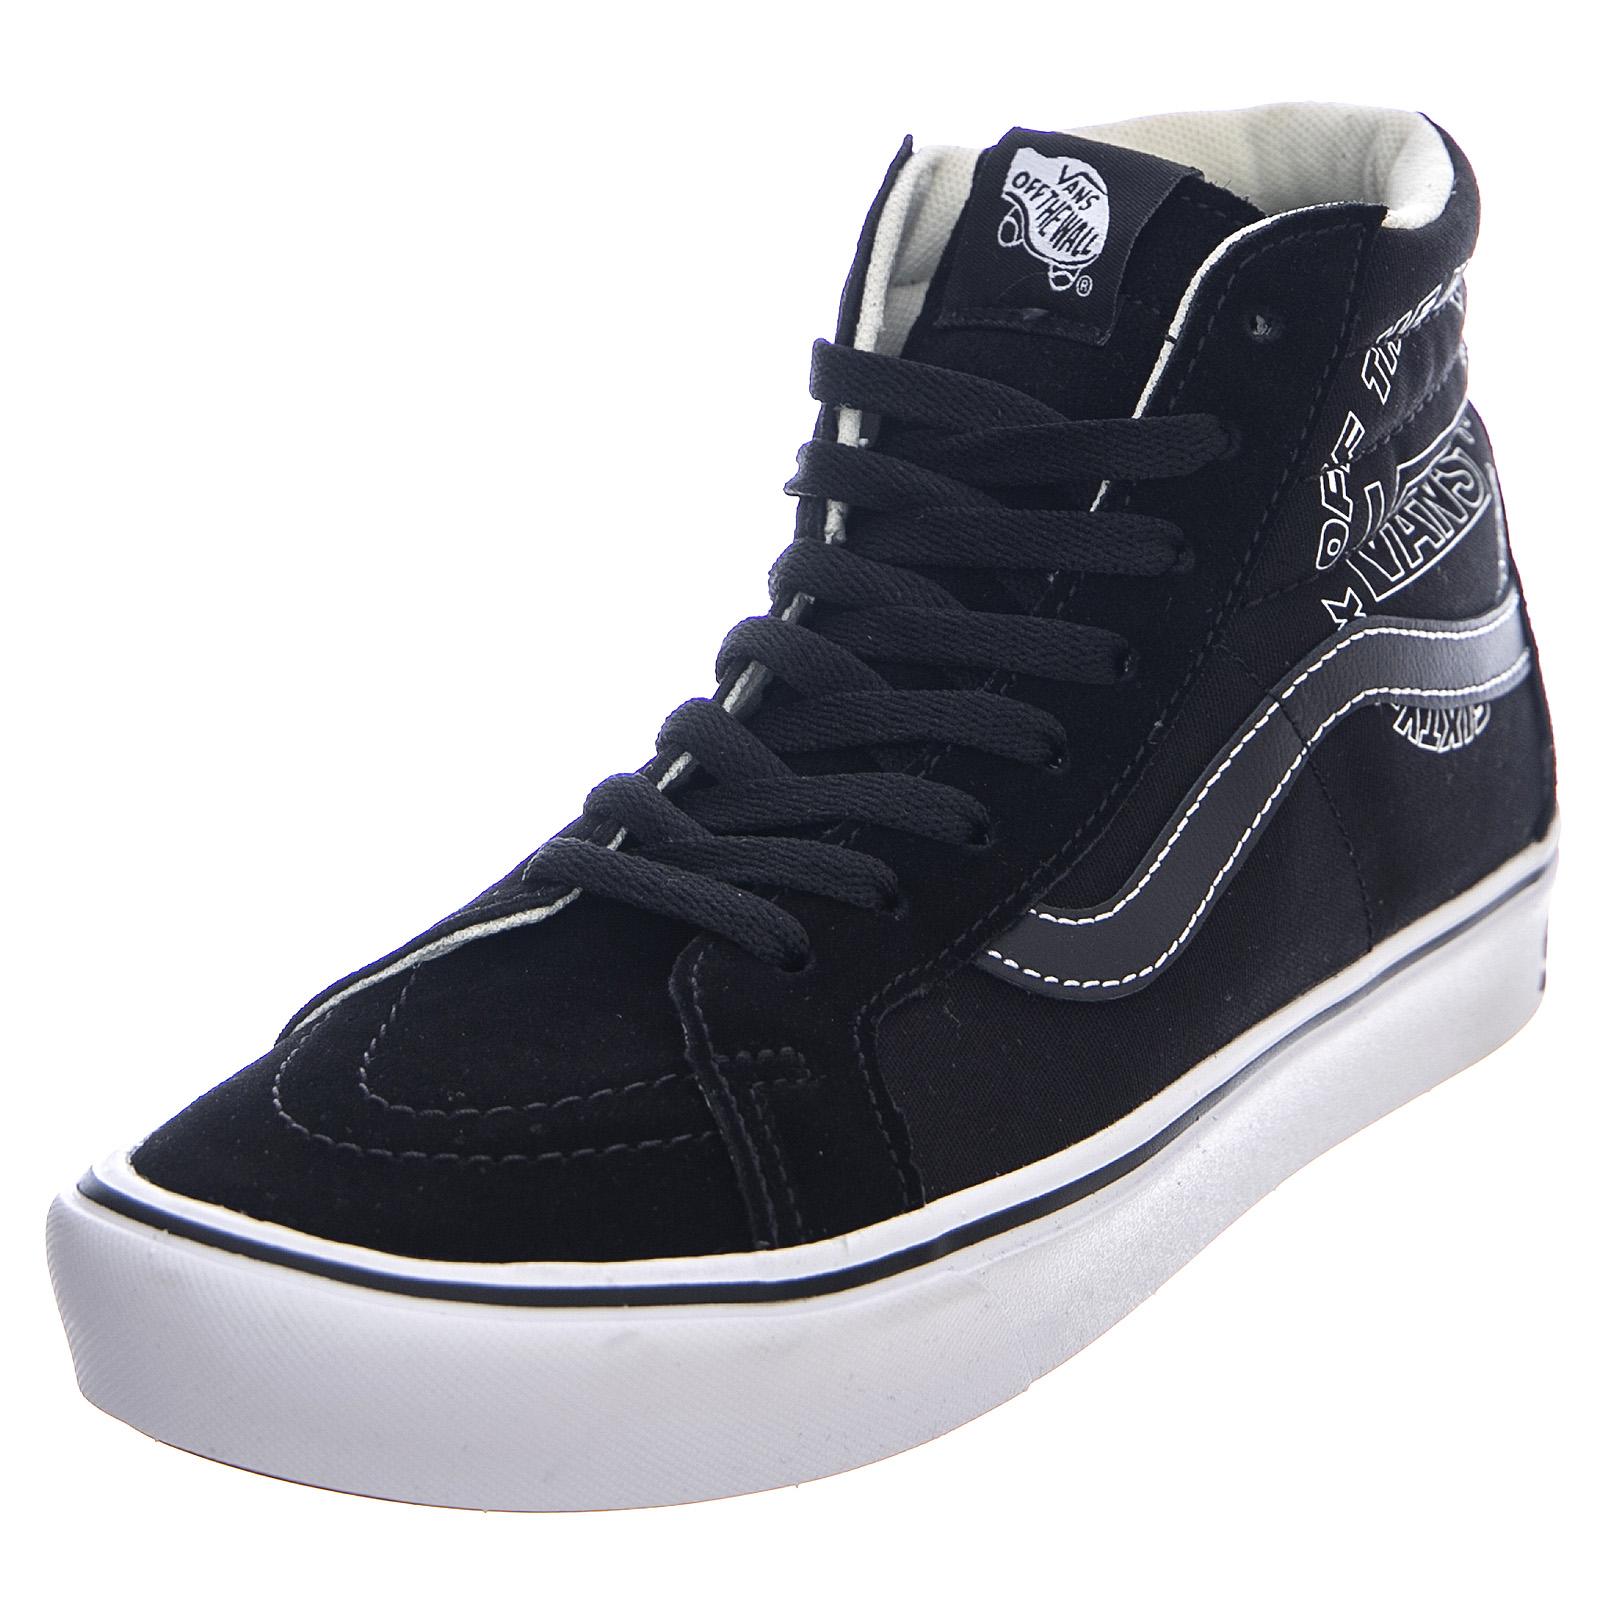 Dettagli su Vans comfycush sk8 hi distorted black true white scarpe alte uomo nero